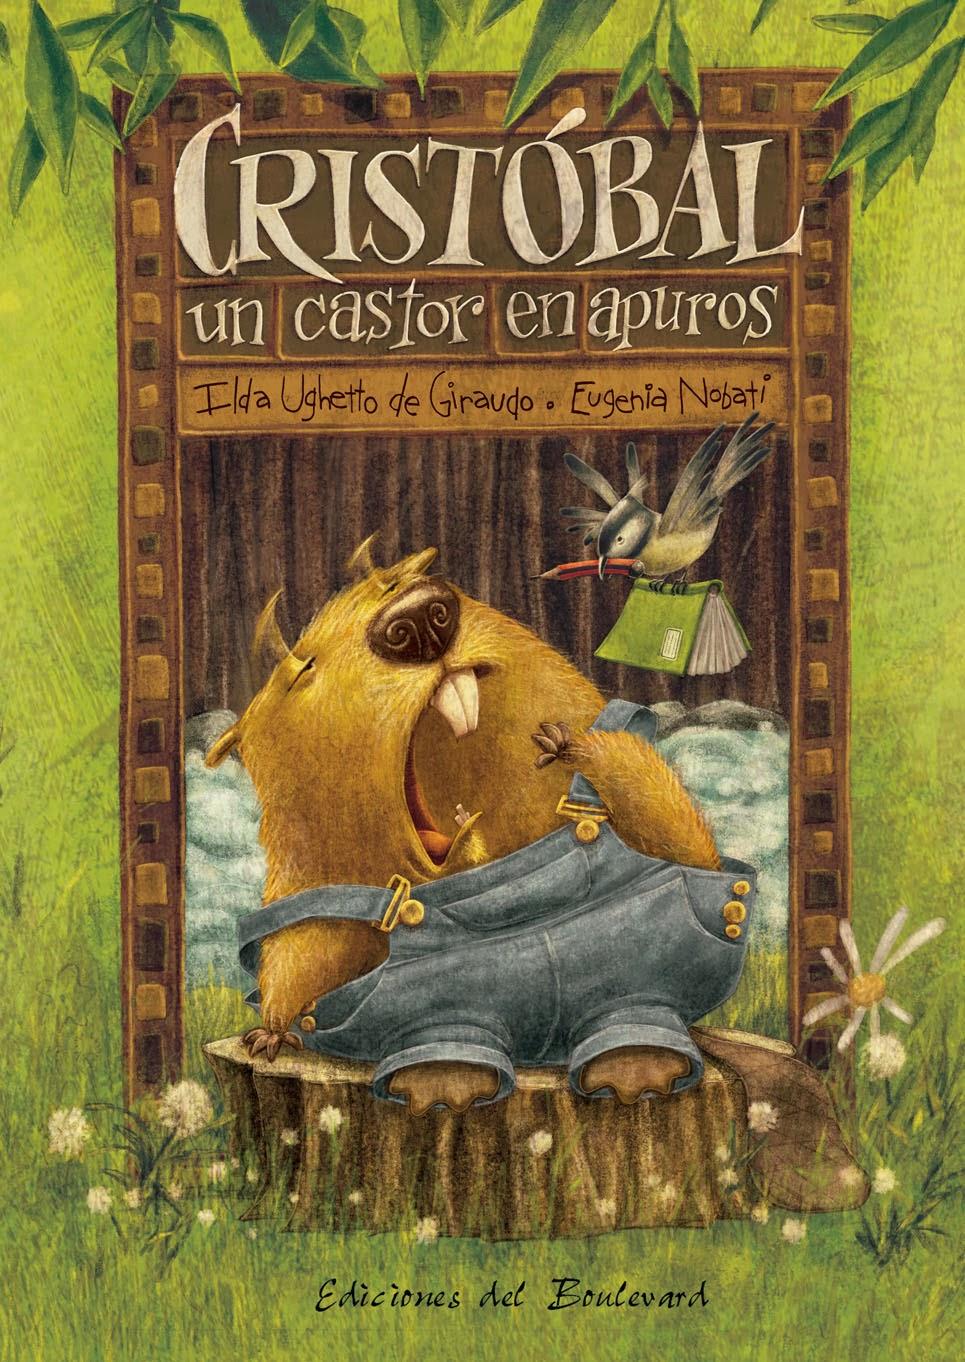 Cristobal, un castor en apuros